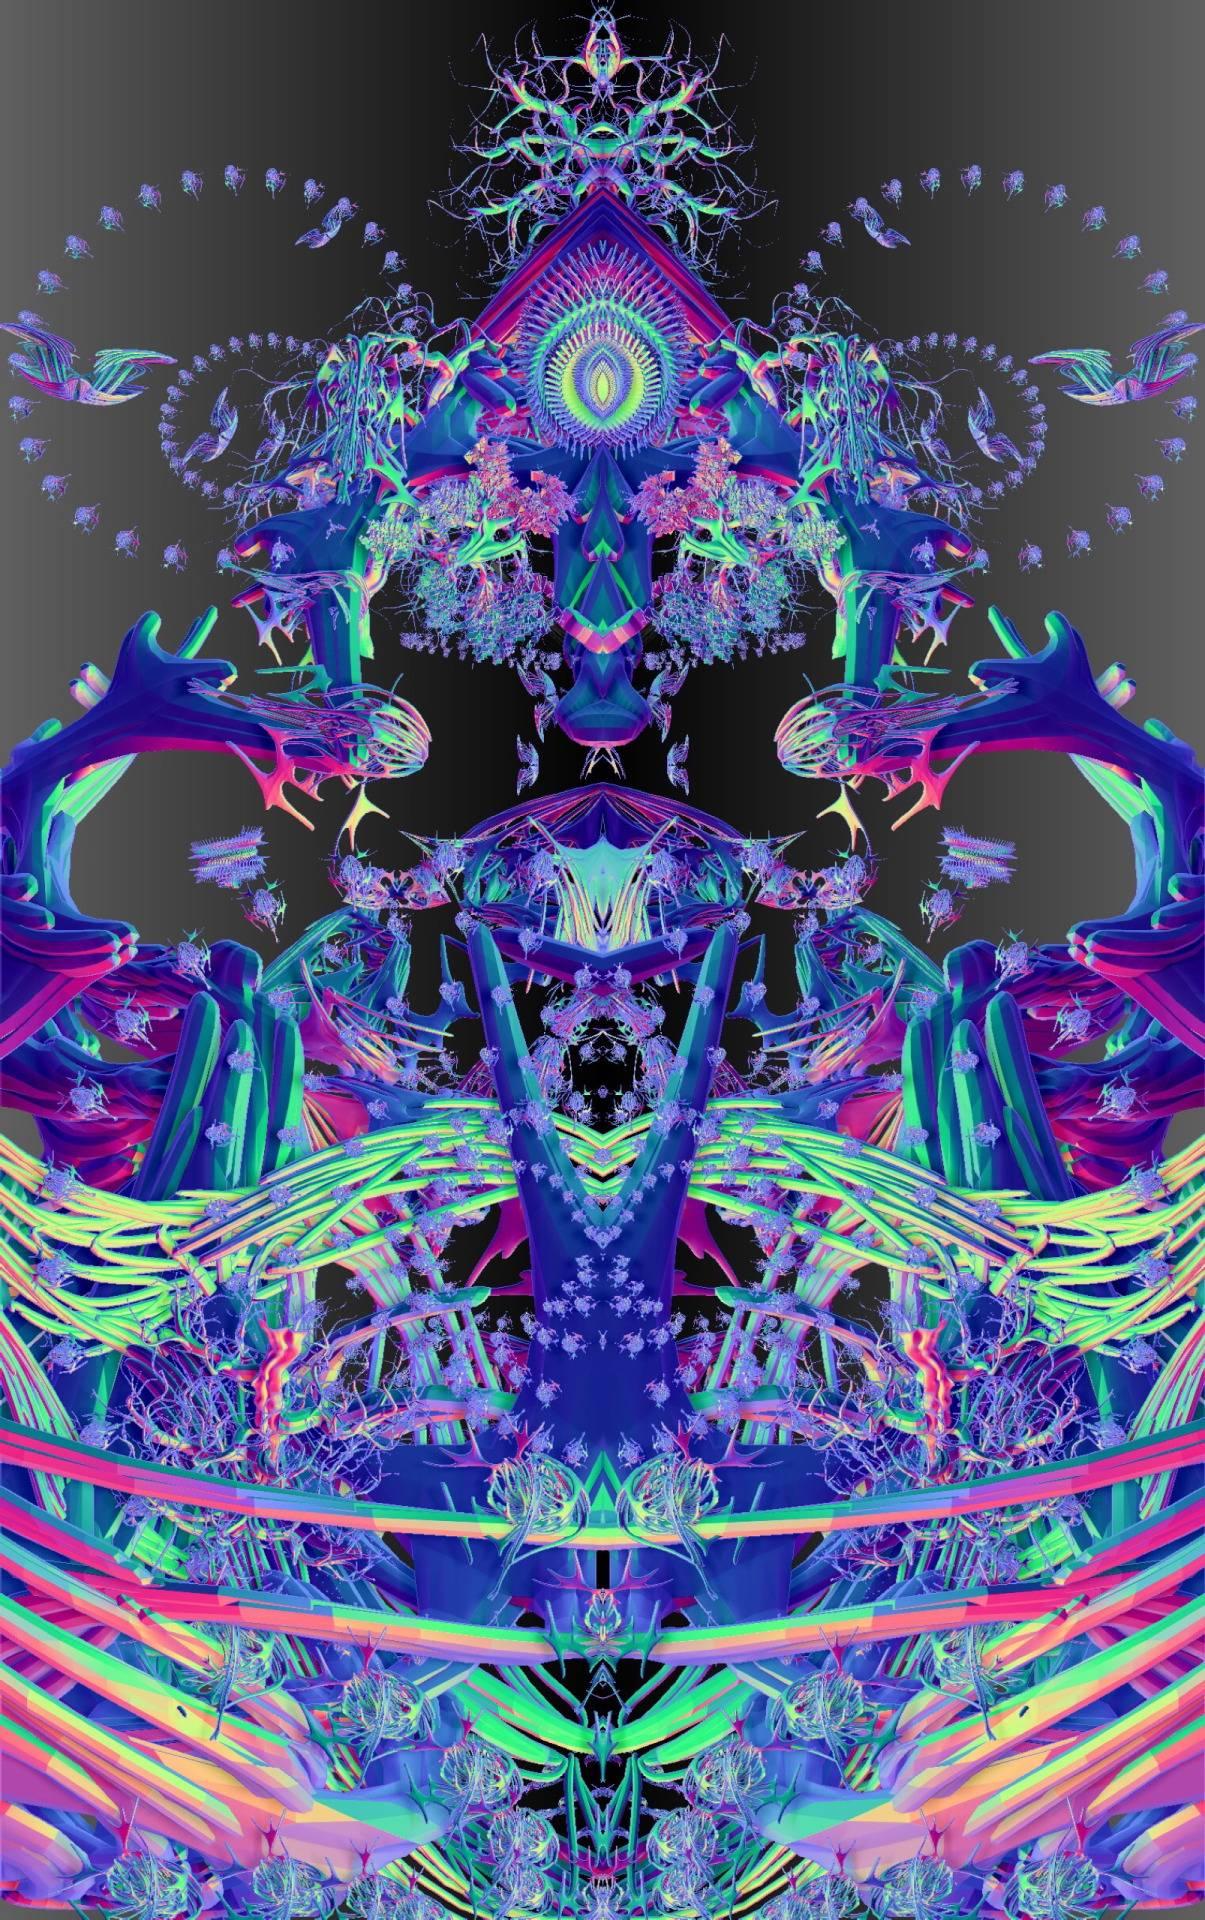 tumblr_o2742pReIn1tv362io1_1280